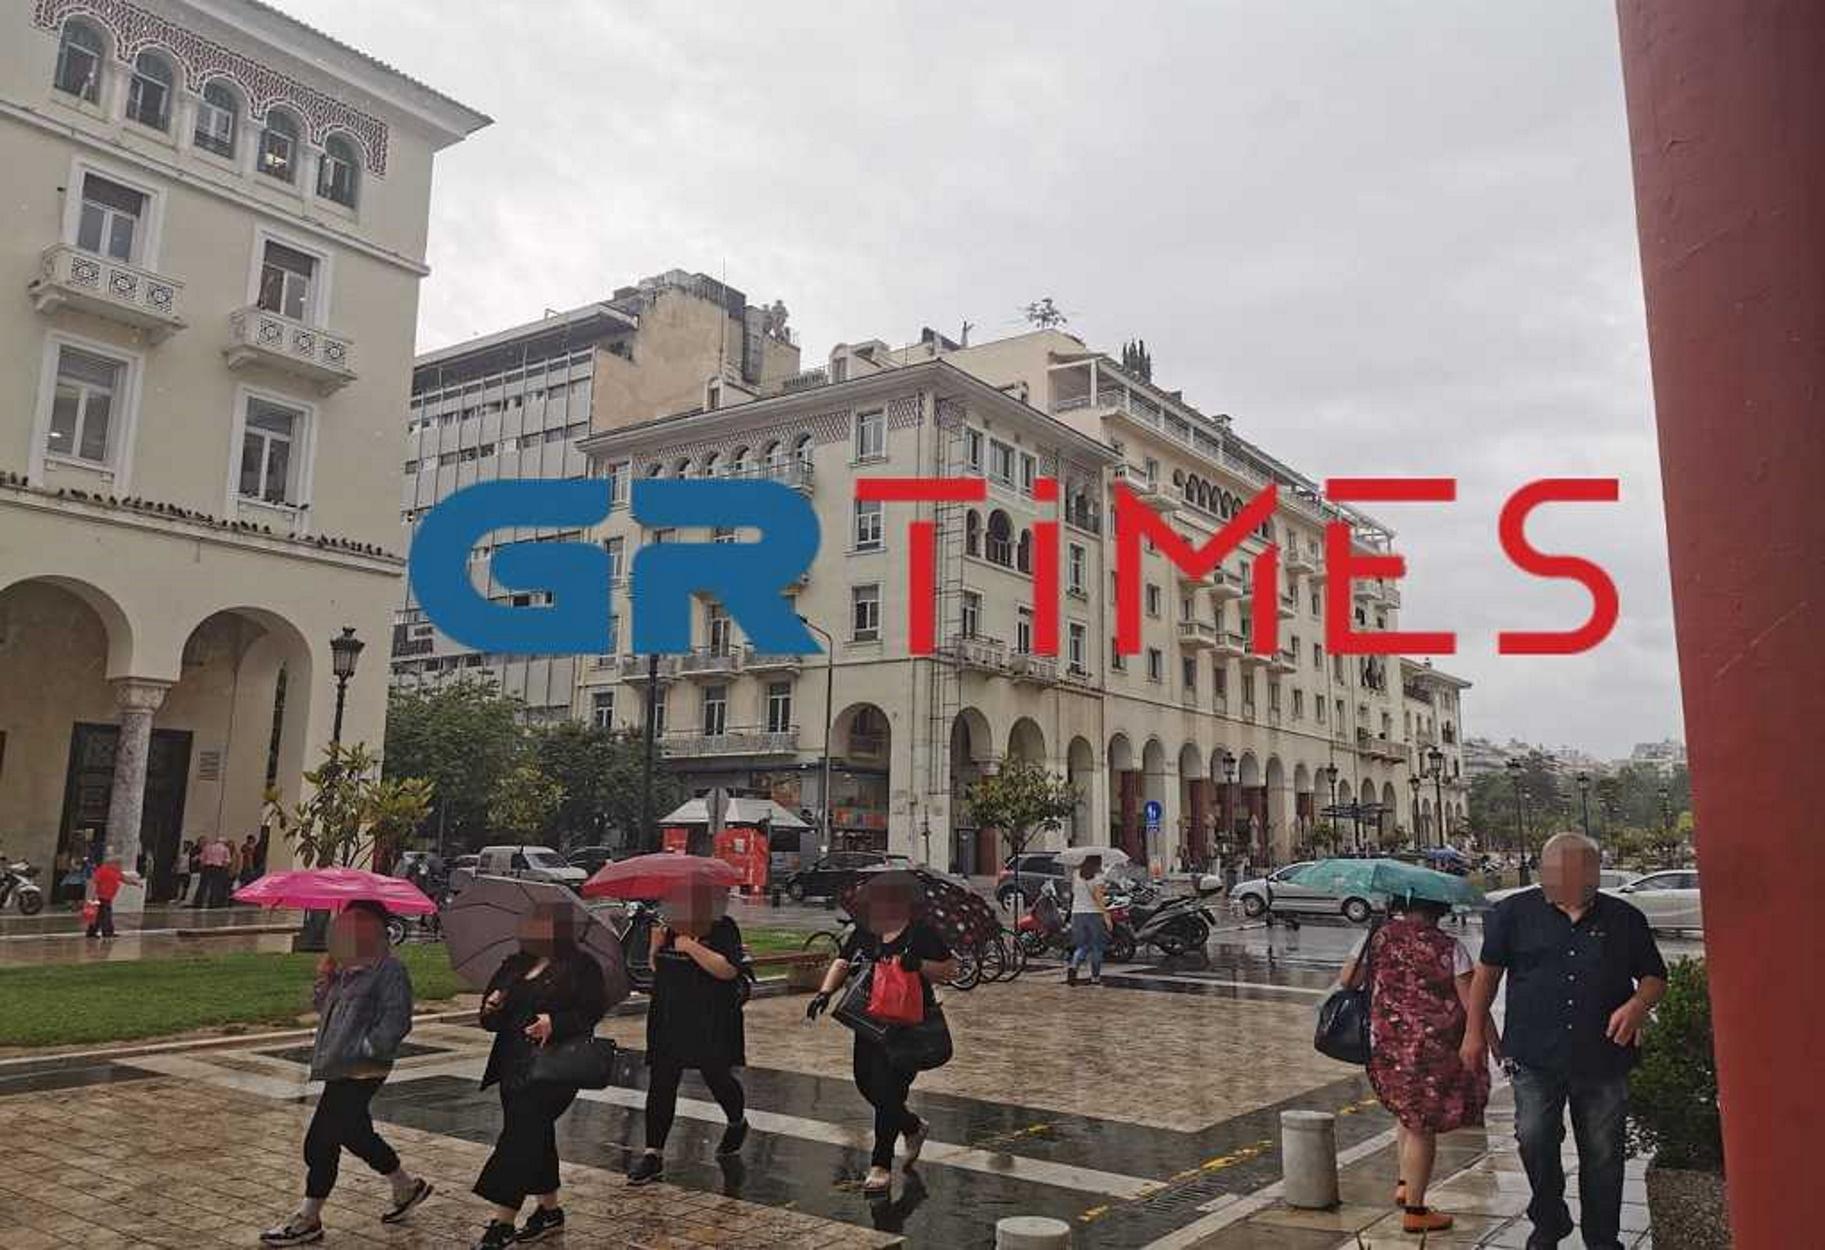 Άνοιξαν οι ουρανοί στη Θεσσαλονίκη – Μποτιλιάρισμα και δρόμοι ποτάμια .....